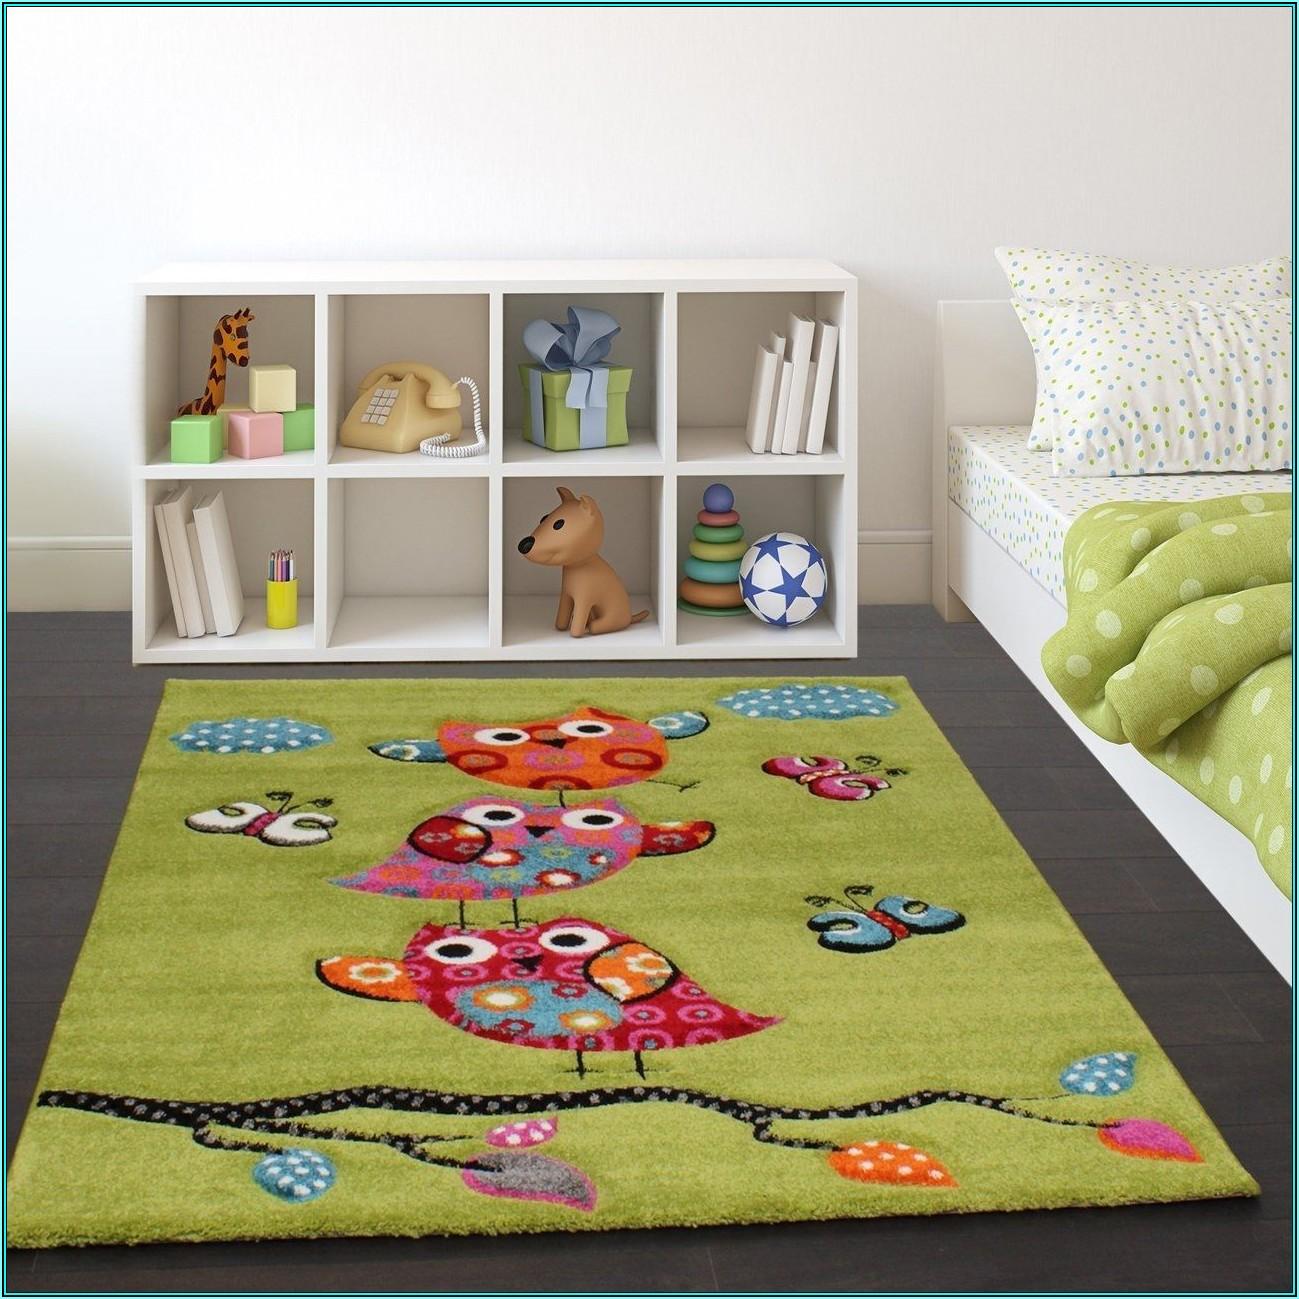 Teppichboden Für Kinderzimmer Schadstofffrei